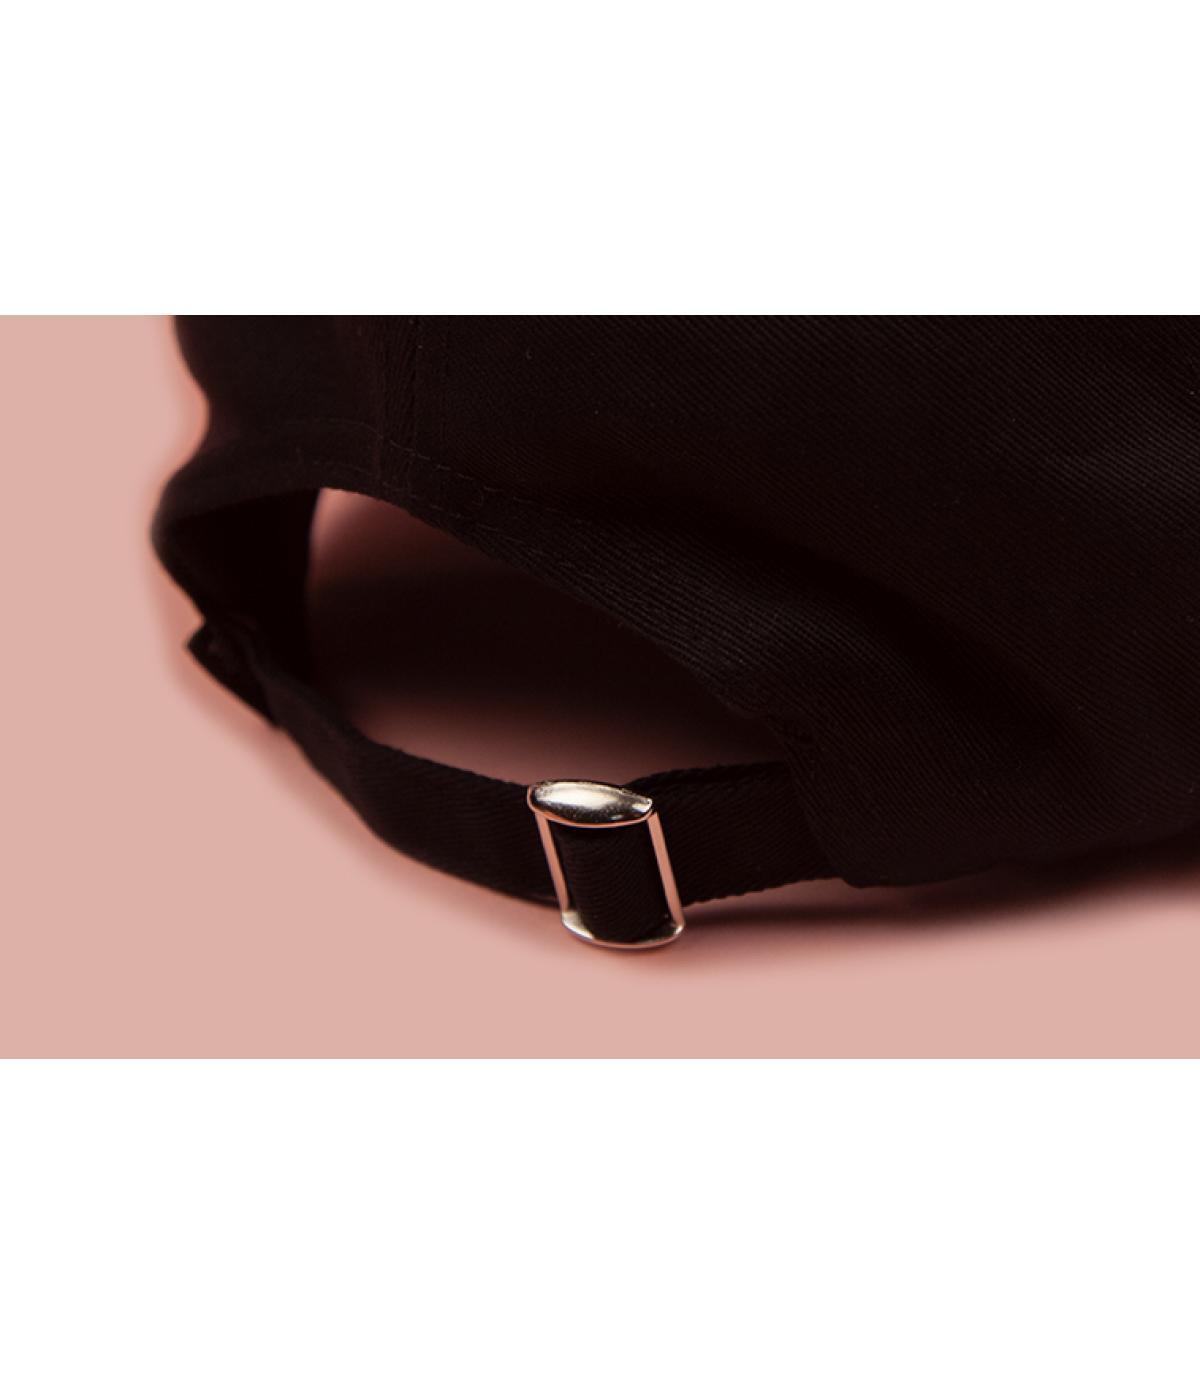 Détails Curve Hand Love black white - image 4